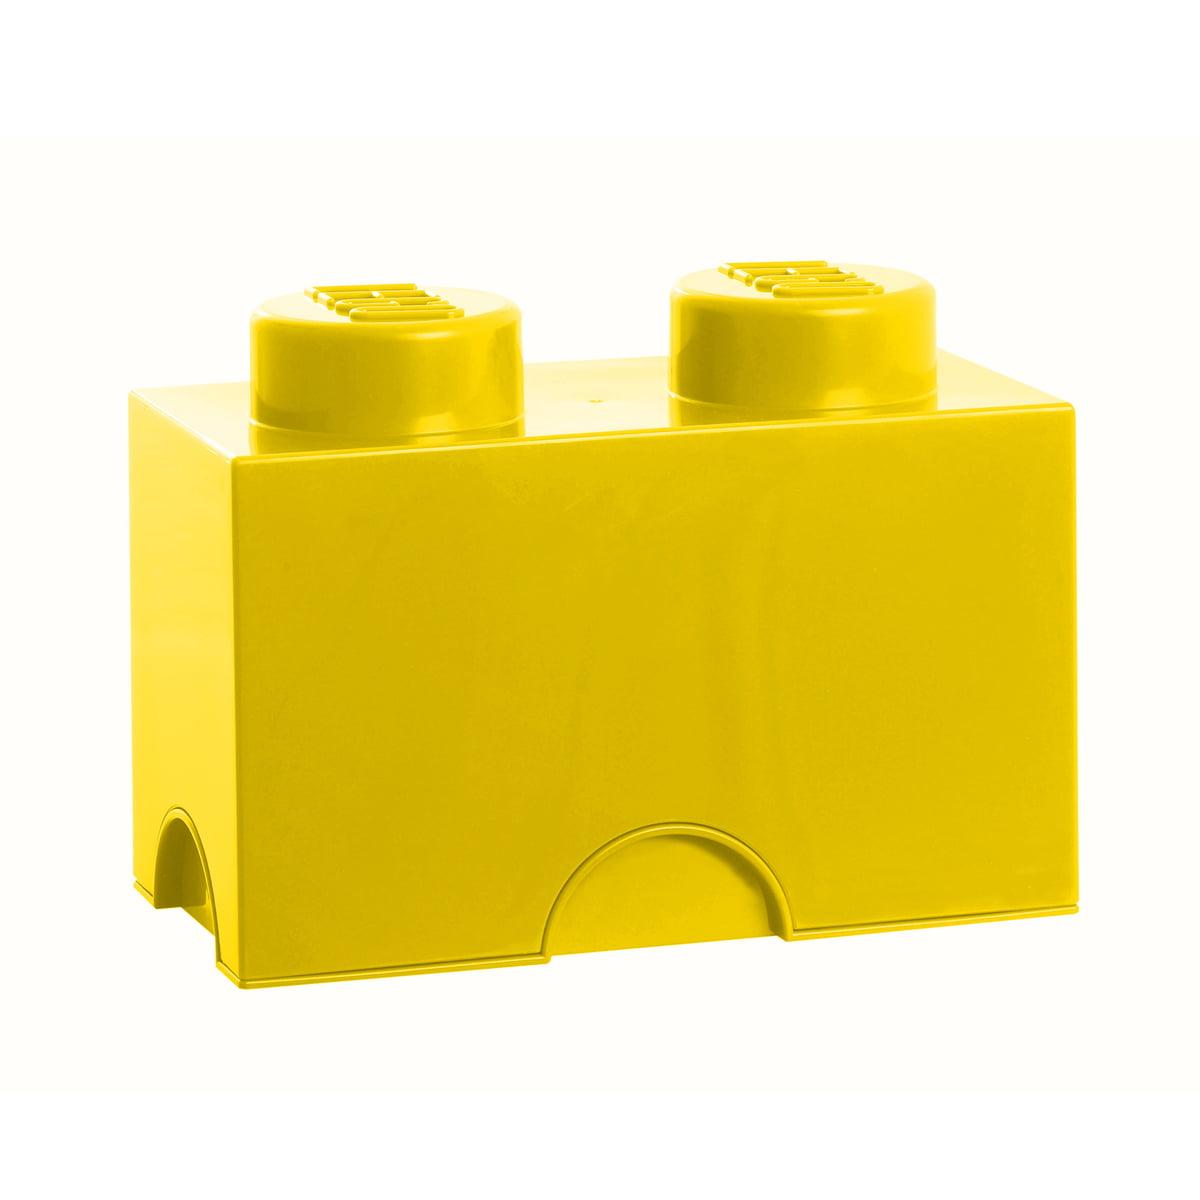 Lego - Storage Brick 2, gelb   Kinderzimmer > Spielzeuge > Sonstige Spielzeuge   Lego